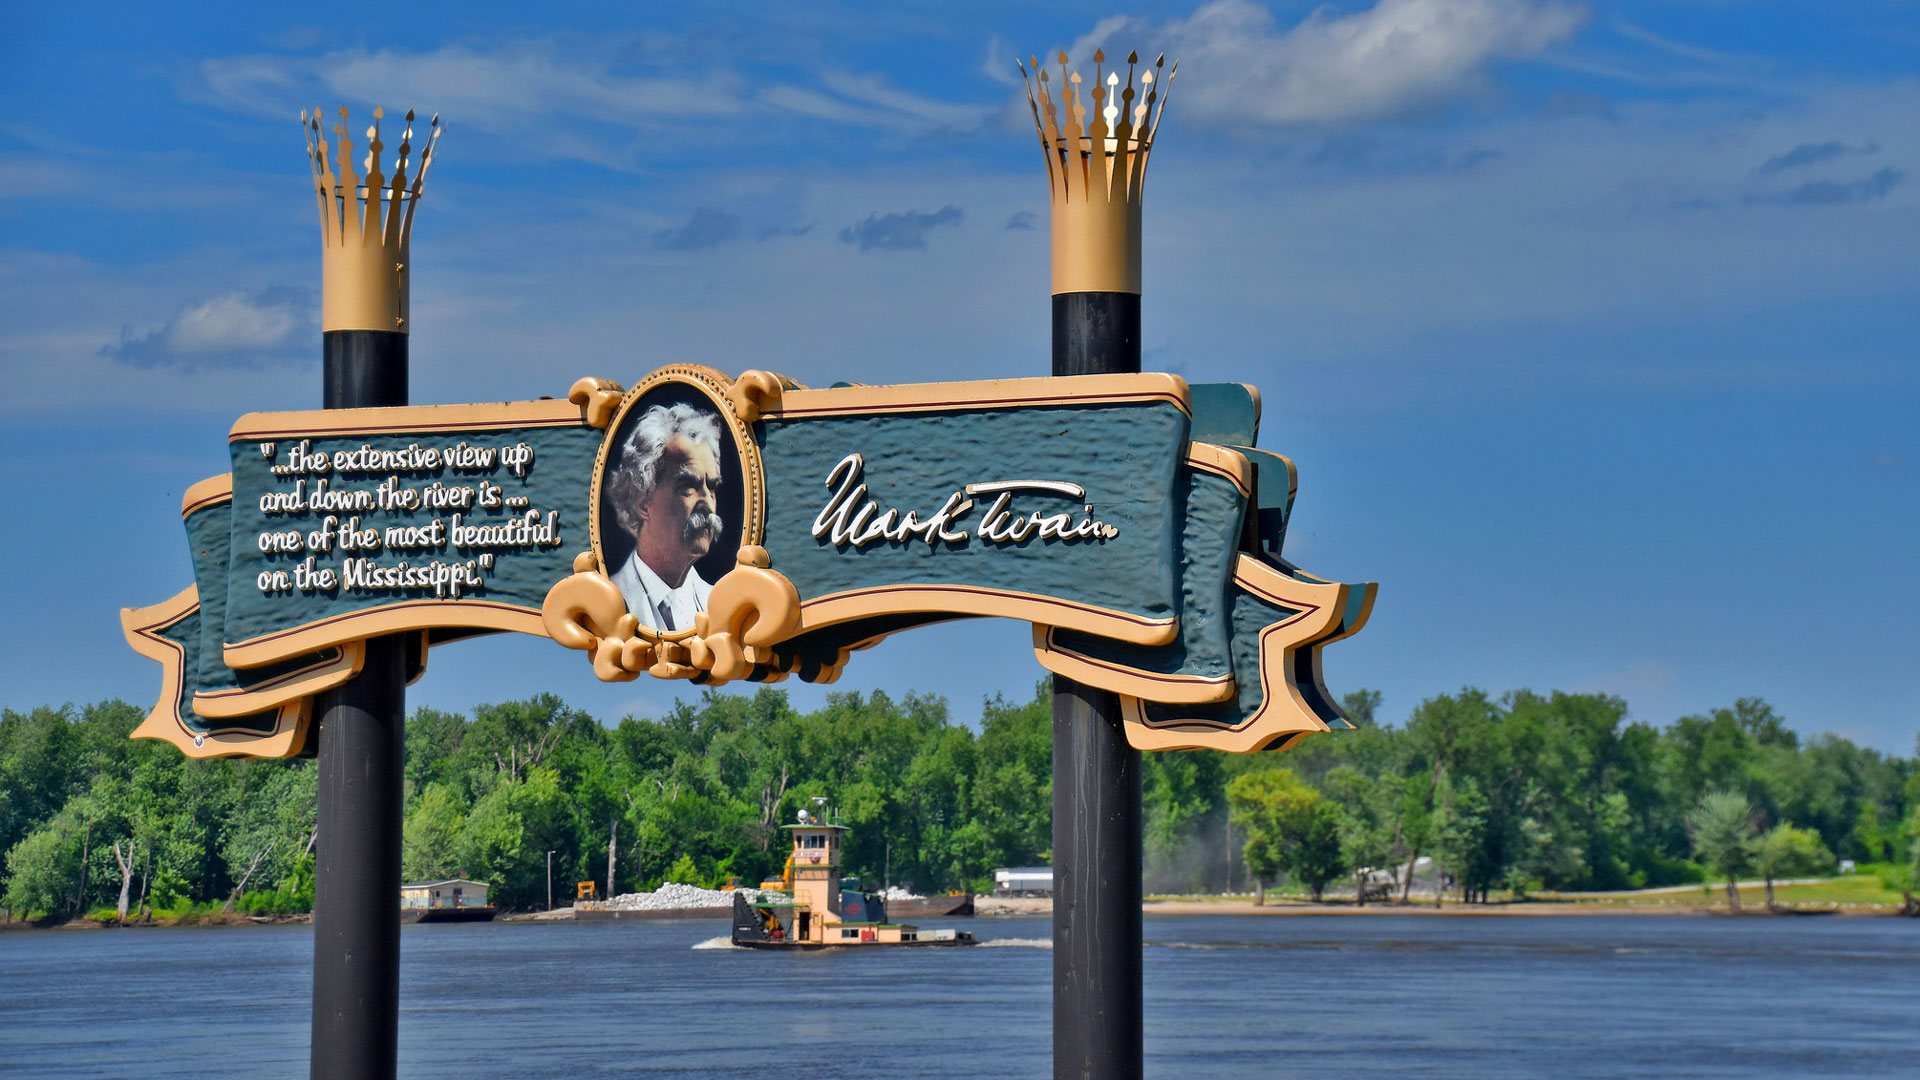 Salida del barco en honor a Mark Twain sobre el Mississippi